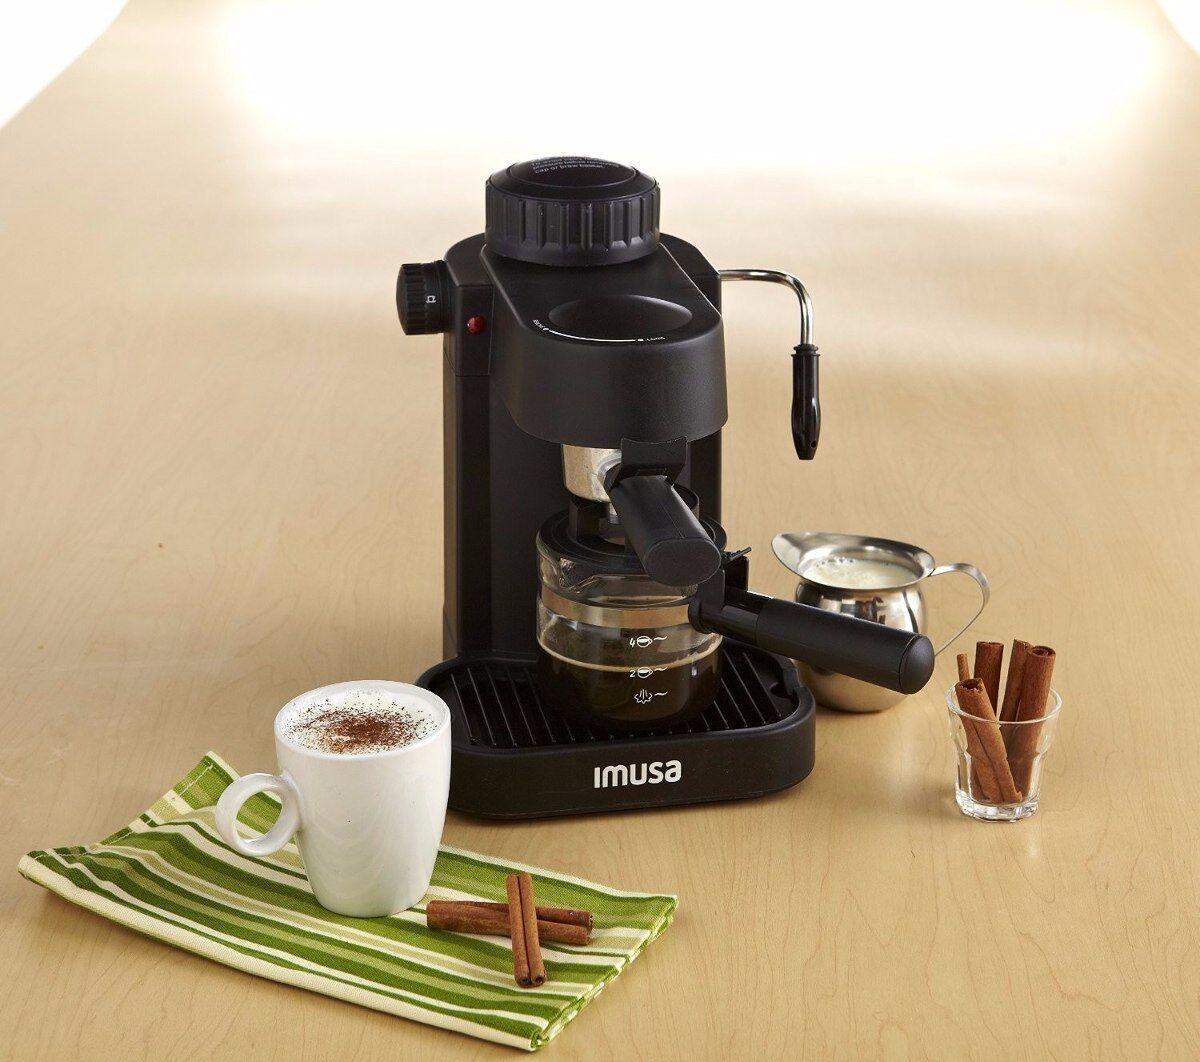 IMUSA, électrique GAU-18200 Espresso & Cappuccino Maker 4-Cup Noir